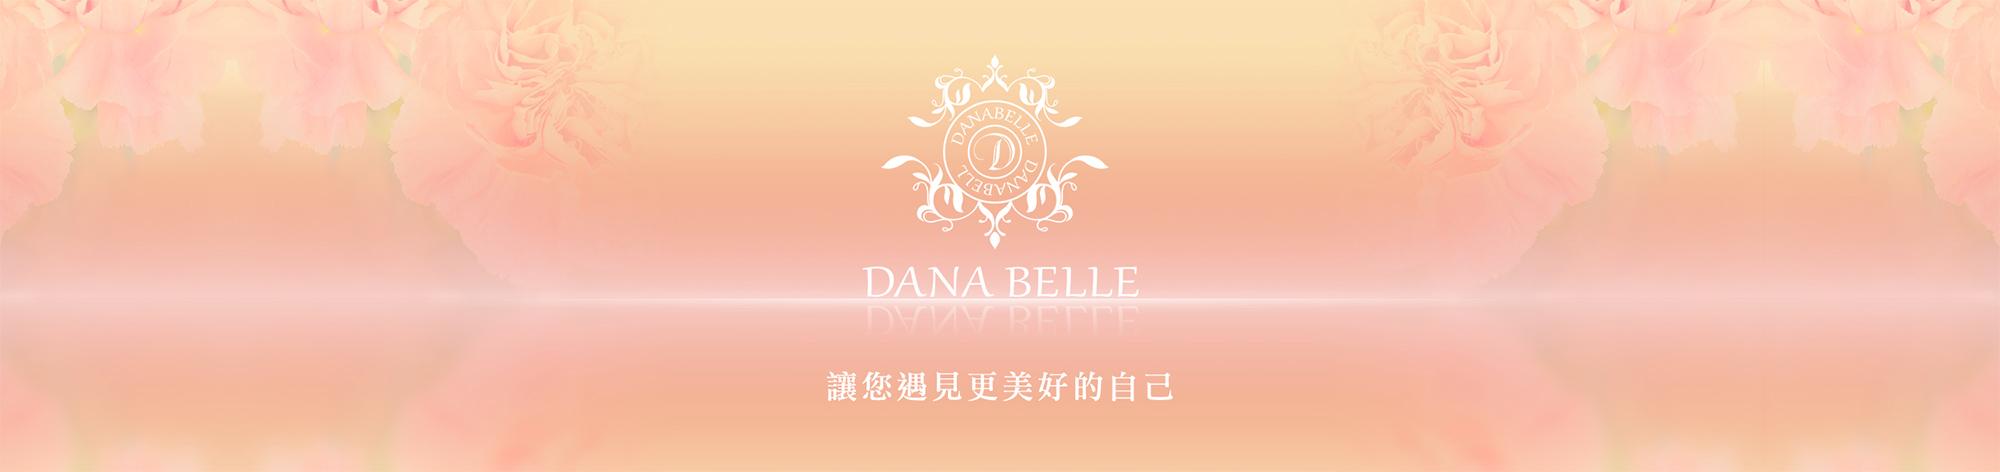 Dana Belle 讓您遇見更好的自己